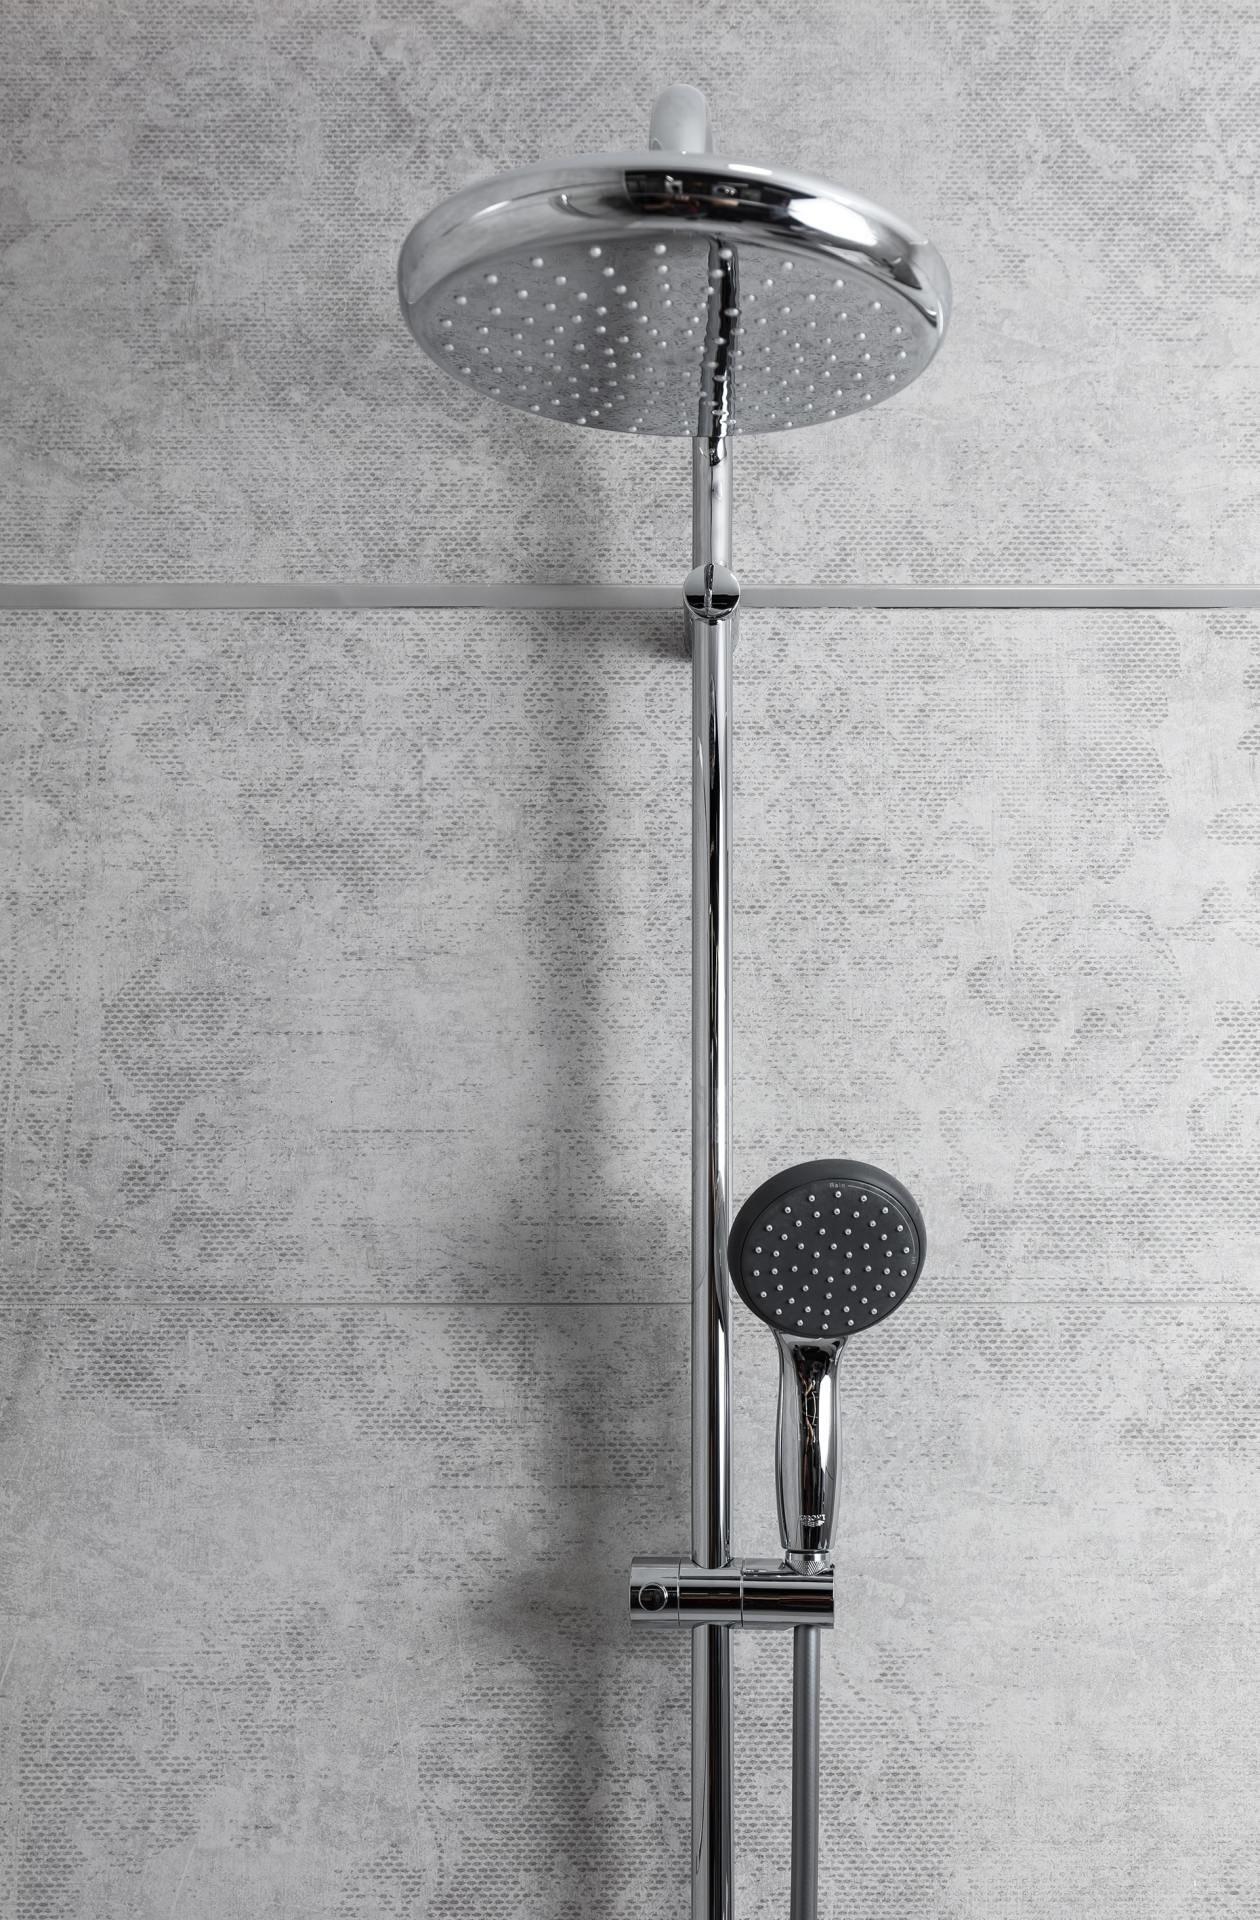 Srebrna bateria prysznicowa na tle szarej ściany łazienkowej